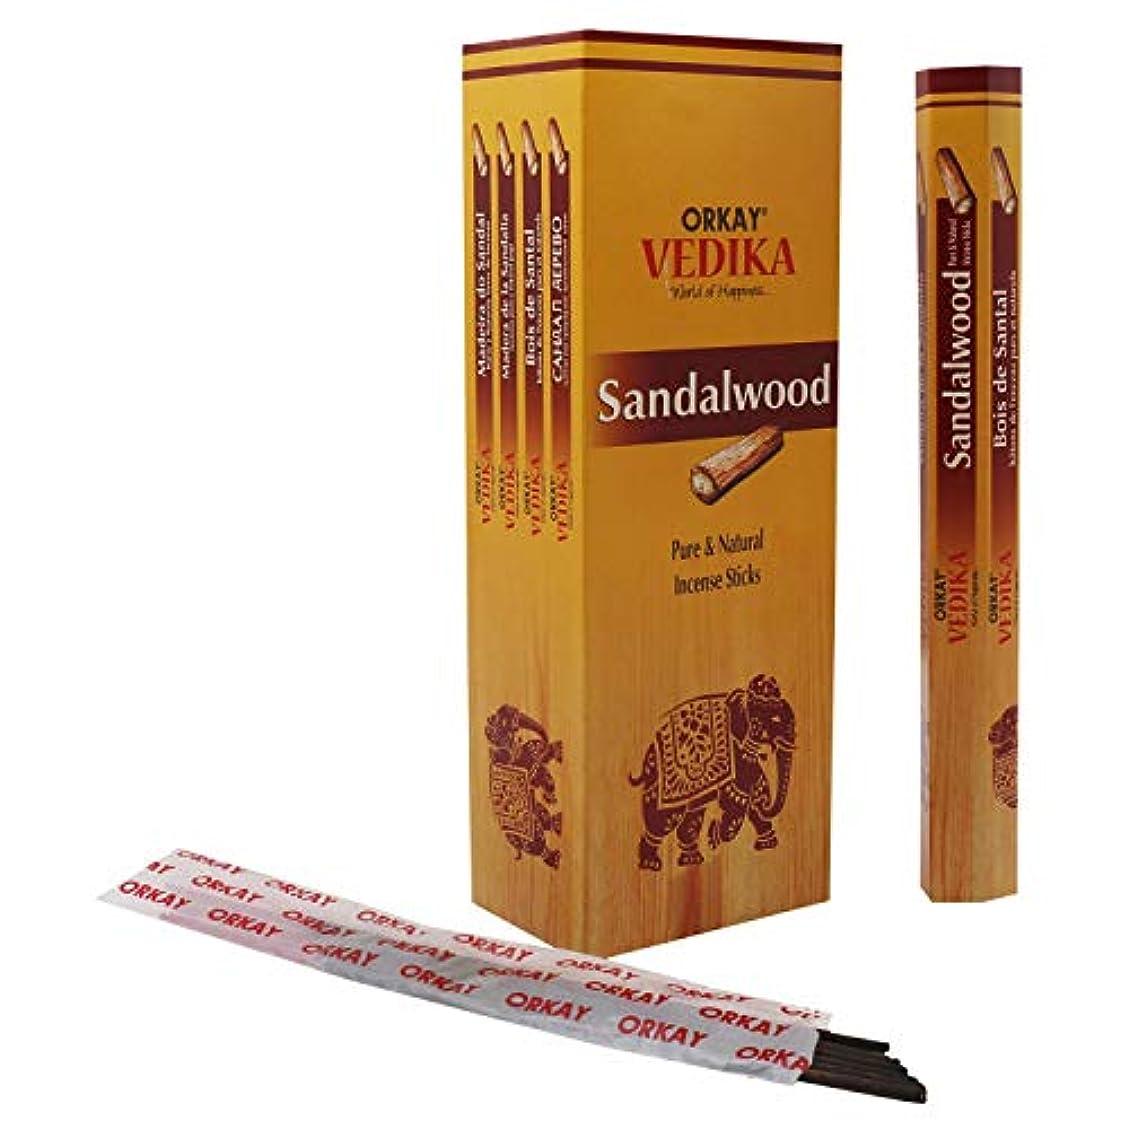 中ゲージトレースOrkay Vedika Sandalwood 6 pkt of 20 gm Each (Contains 96 Incense Sticks/Natural Agarbatti)